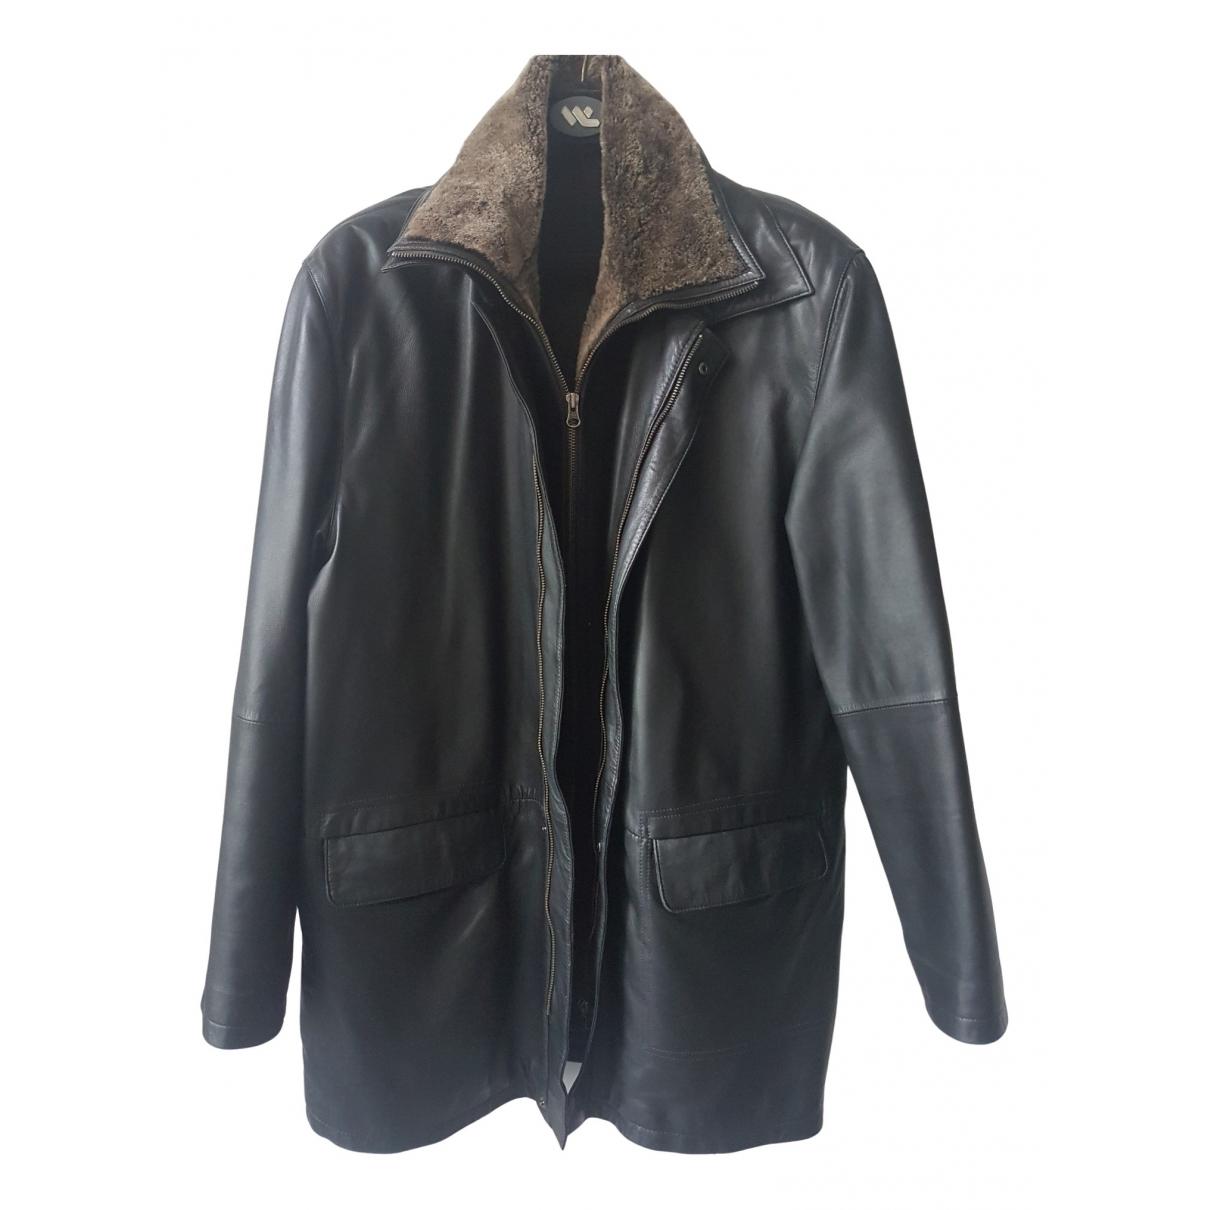 Carven - Manteau   pour homme en cuir - noir